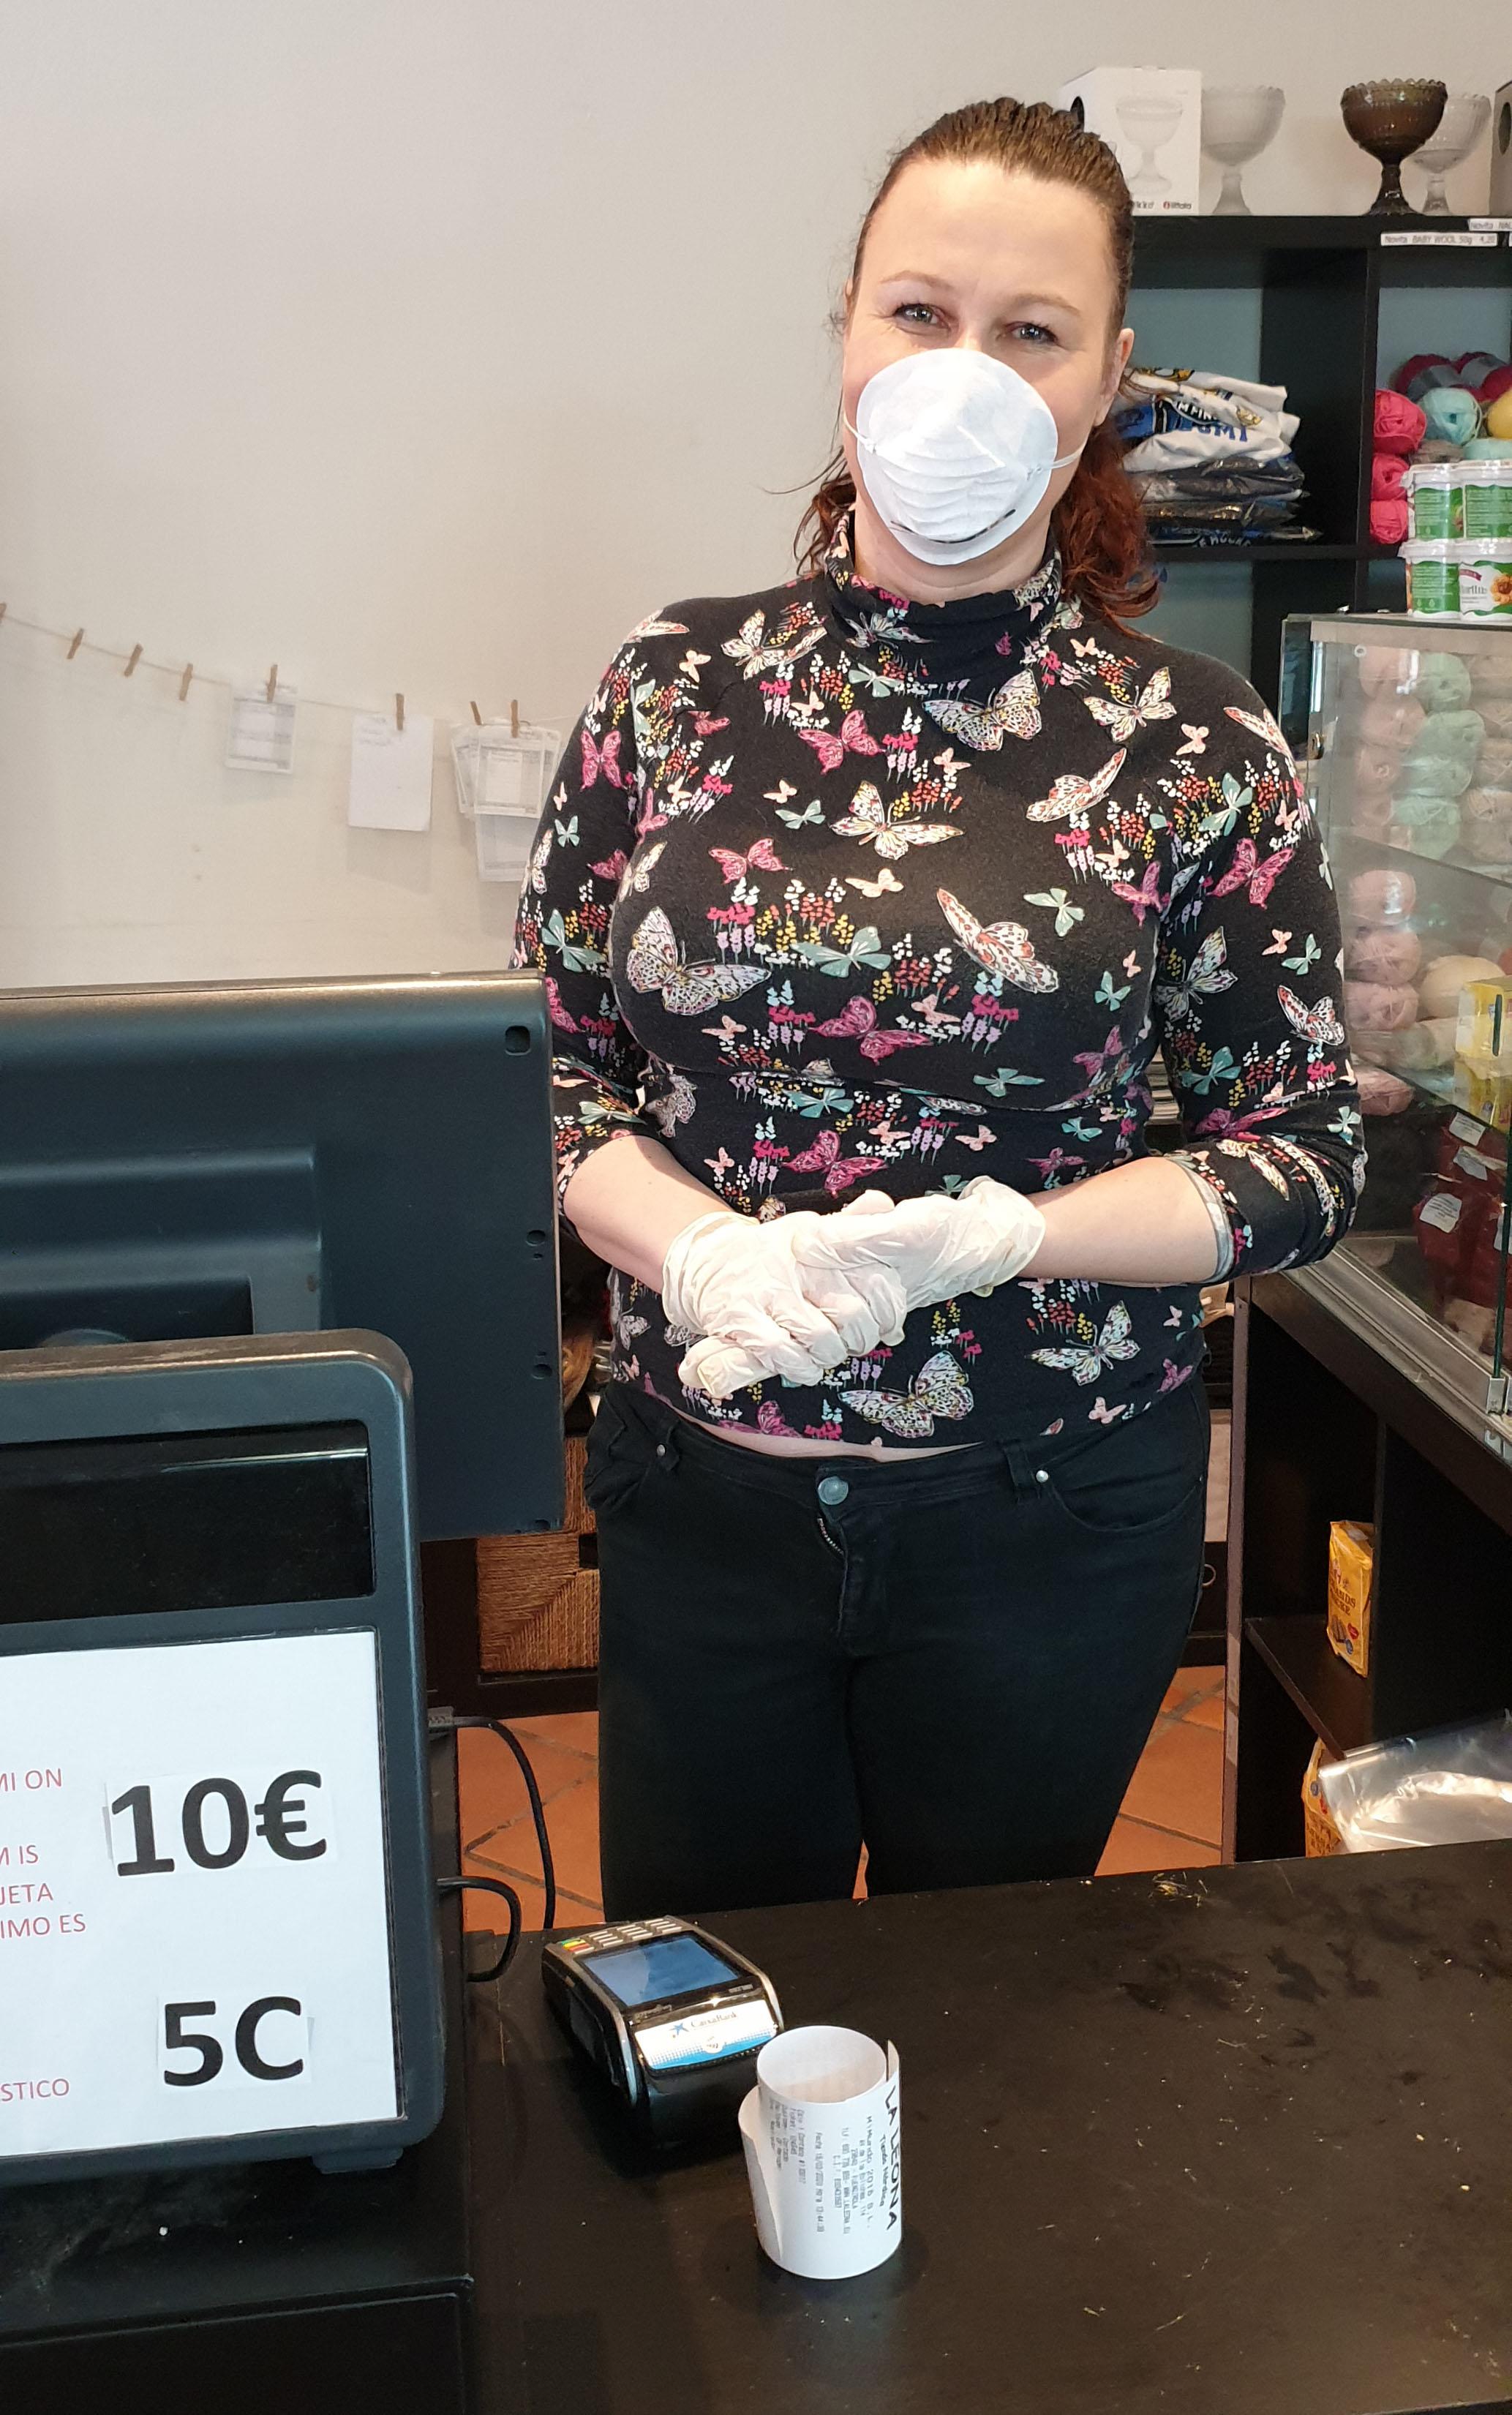 Yrittäjä Miia Marjamäki on pukeutunut suomalaisten suosimassa kauppaliikkeessään asianmukaisiin suojavarusteisiin.